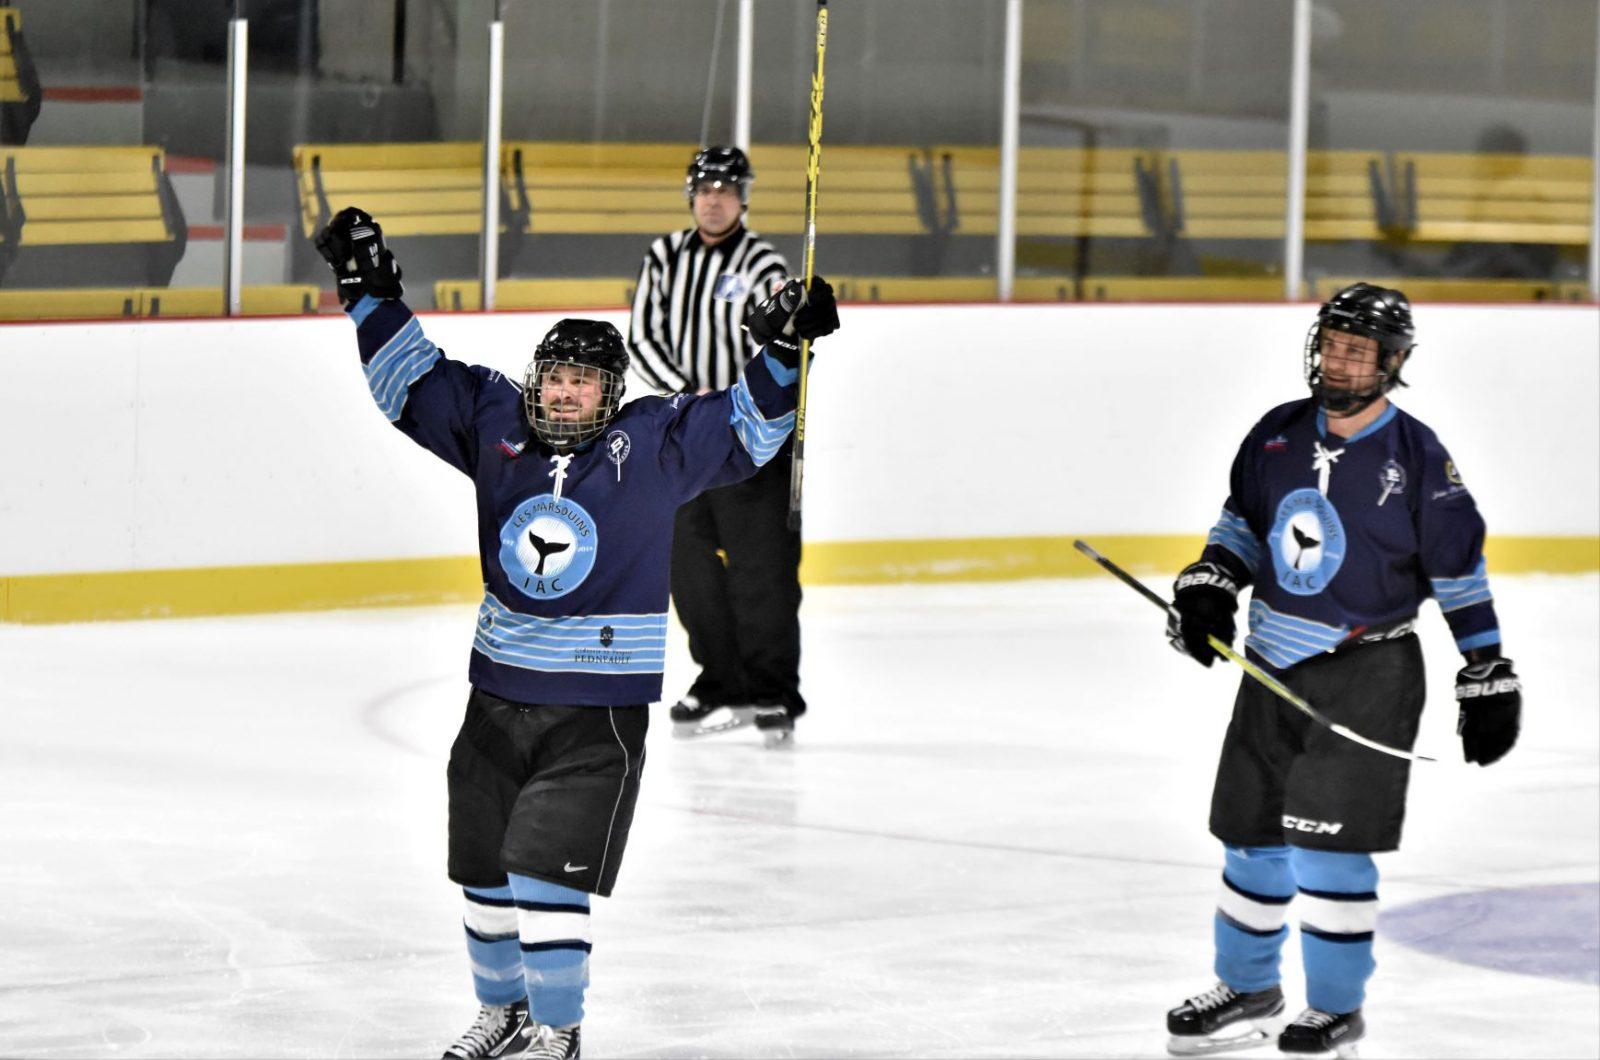 Les Marsouins de L'Isle-aux-Coudres remportent le Tournoi de hockey olympique de Baie-Saint-Paul